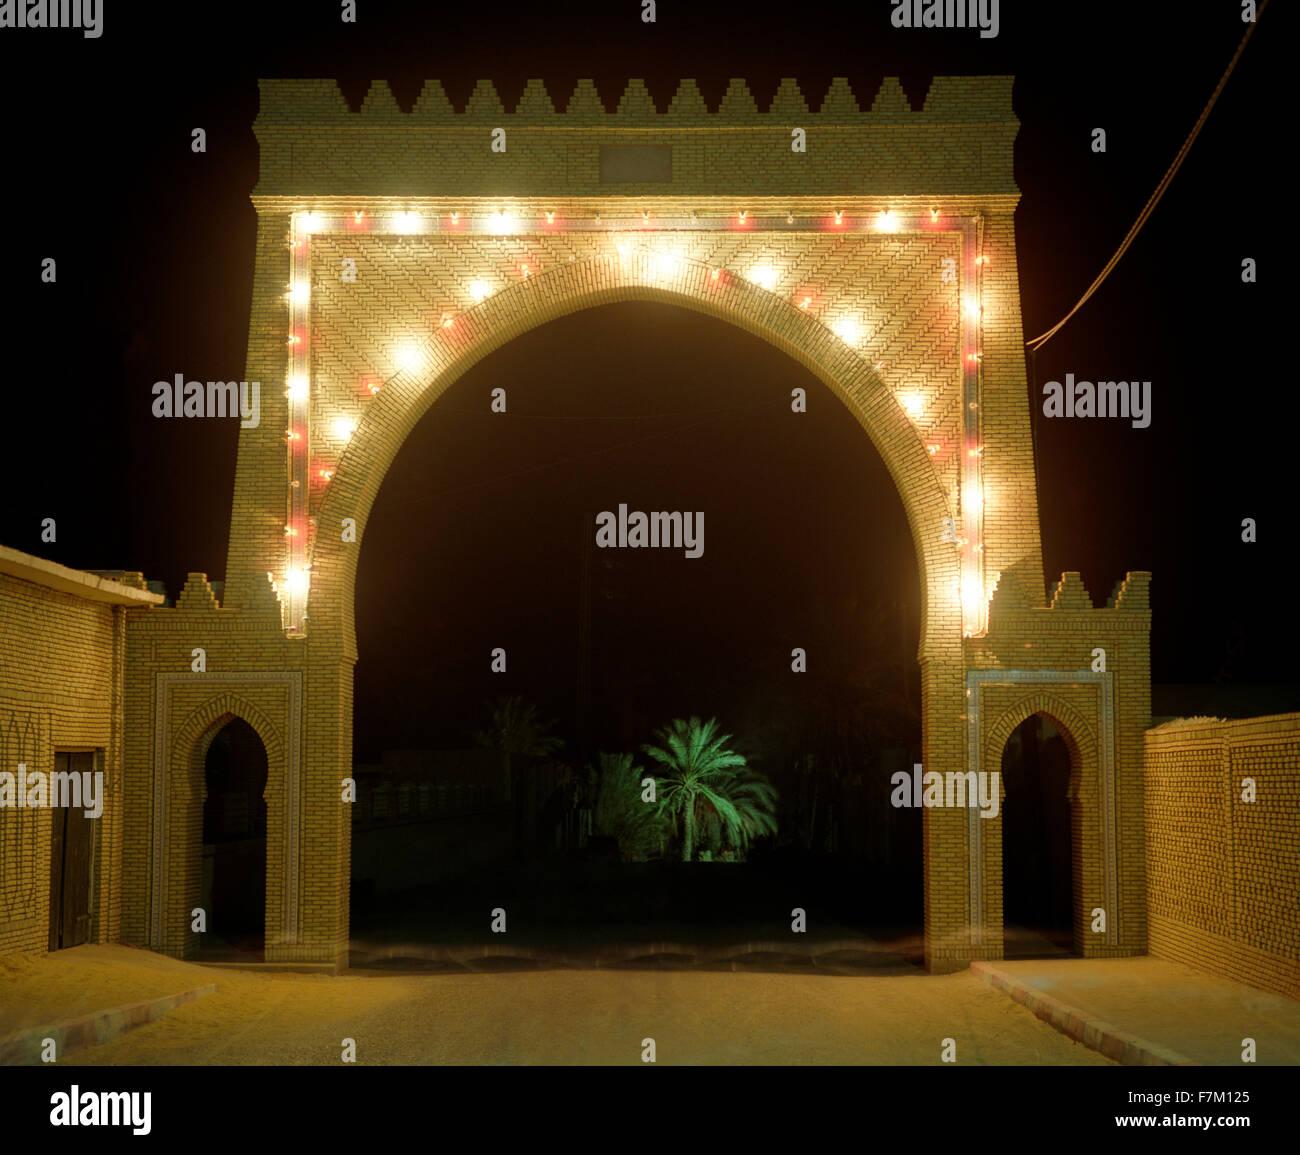 Ein beleuchteter Tor in der Nacht führt zu den wichtigsten Palmeraie in Tozeur. Eine Palme ist in der Ferne Stockbild